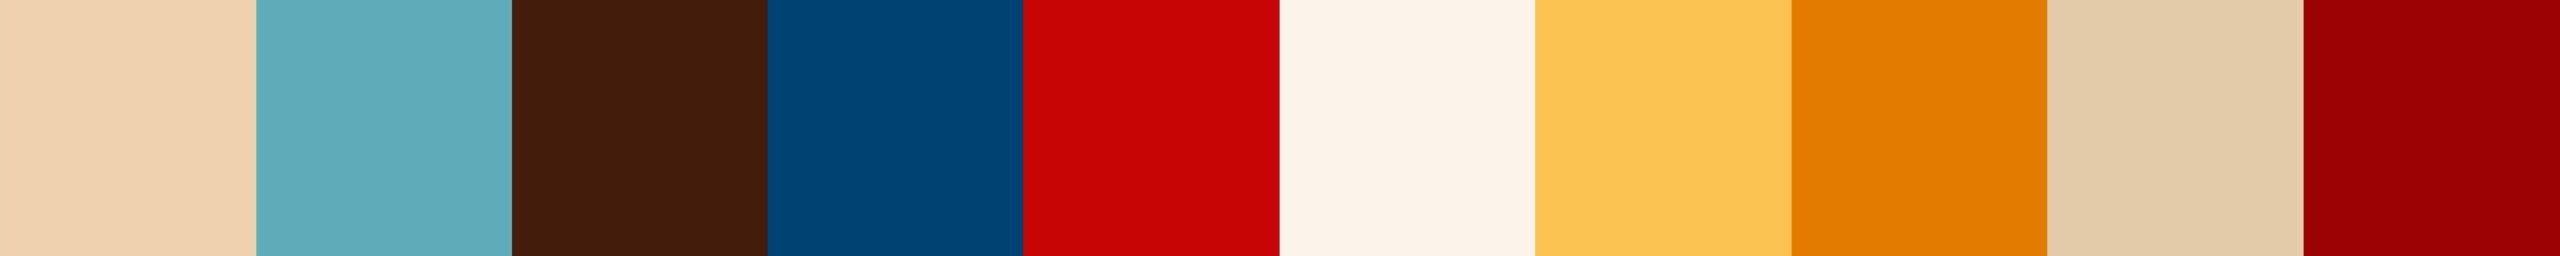 156 Lilabia Color Palette